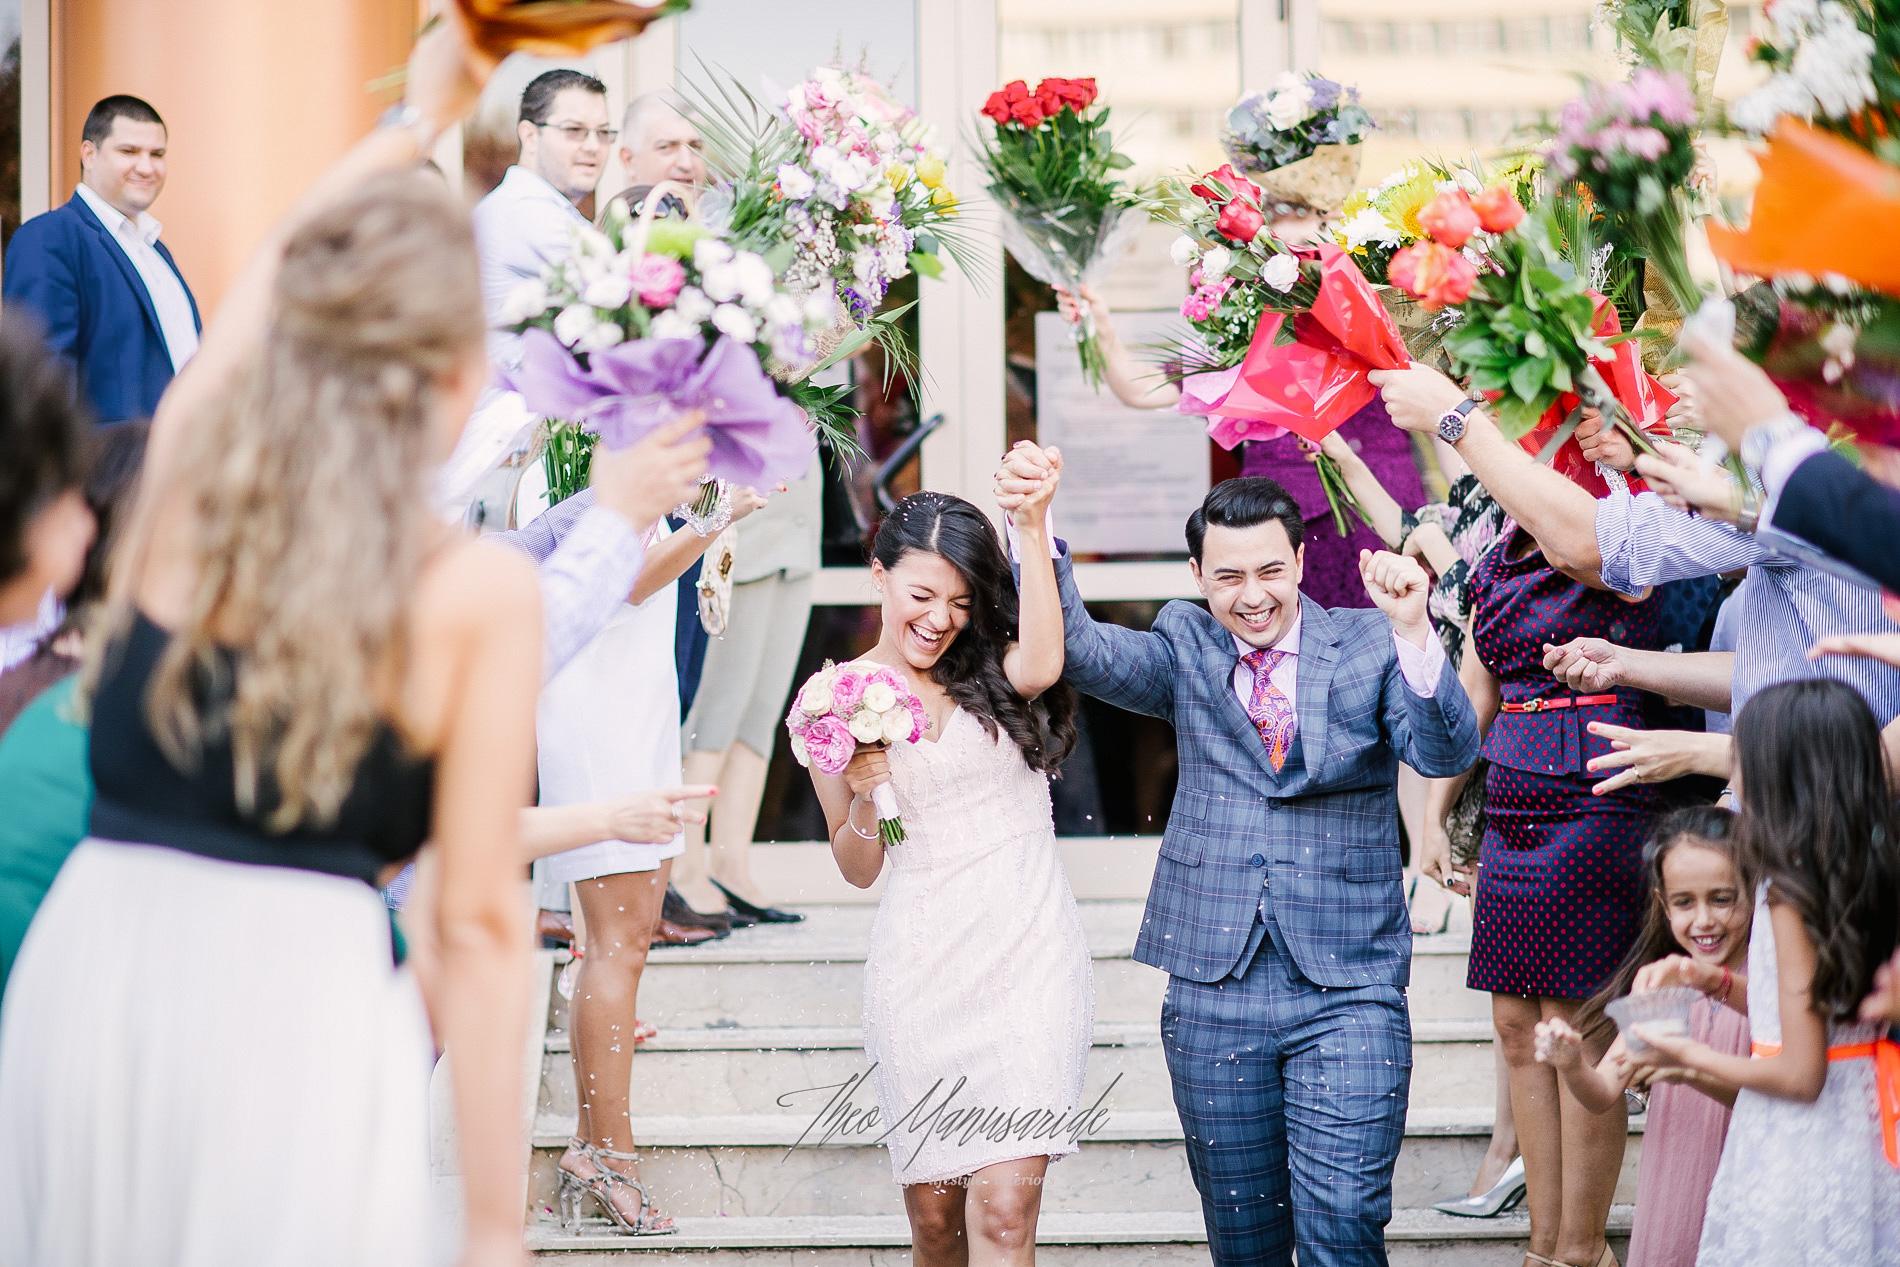 fotograf nunta biavati events-2-2